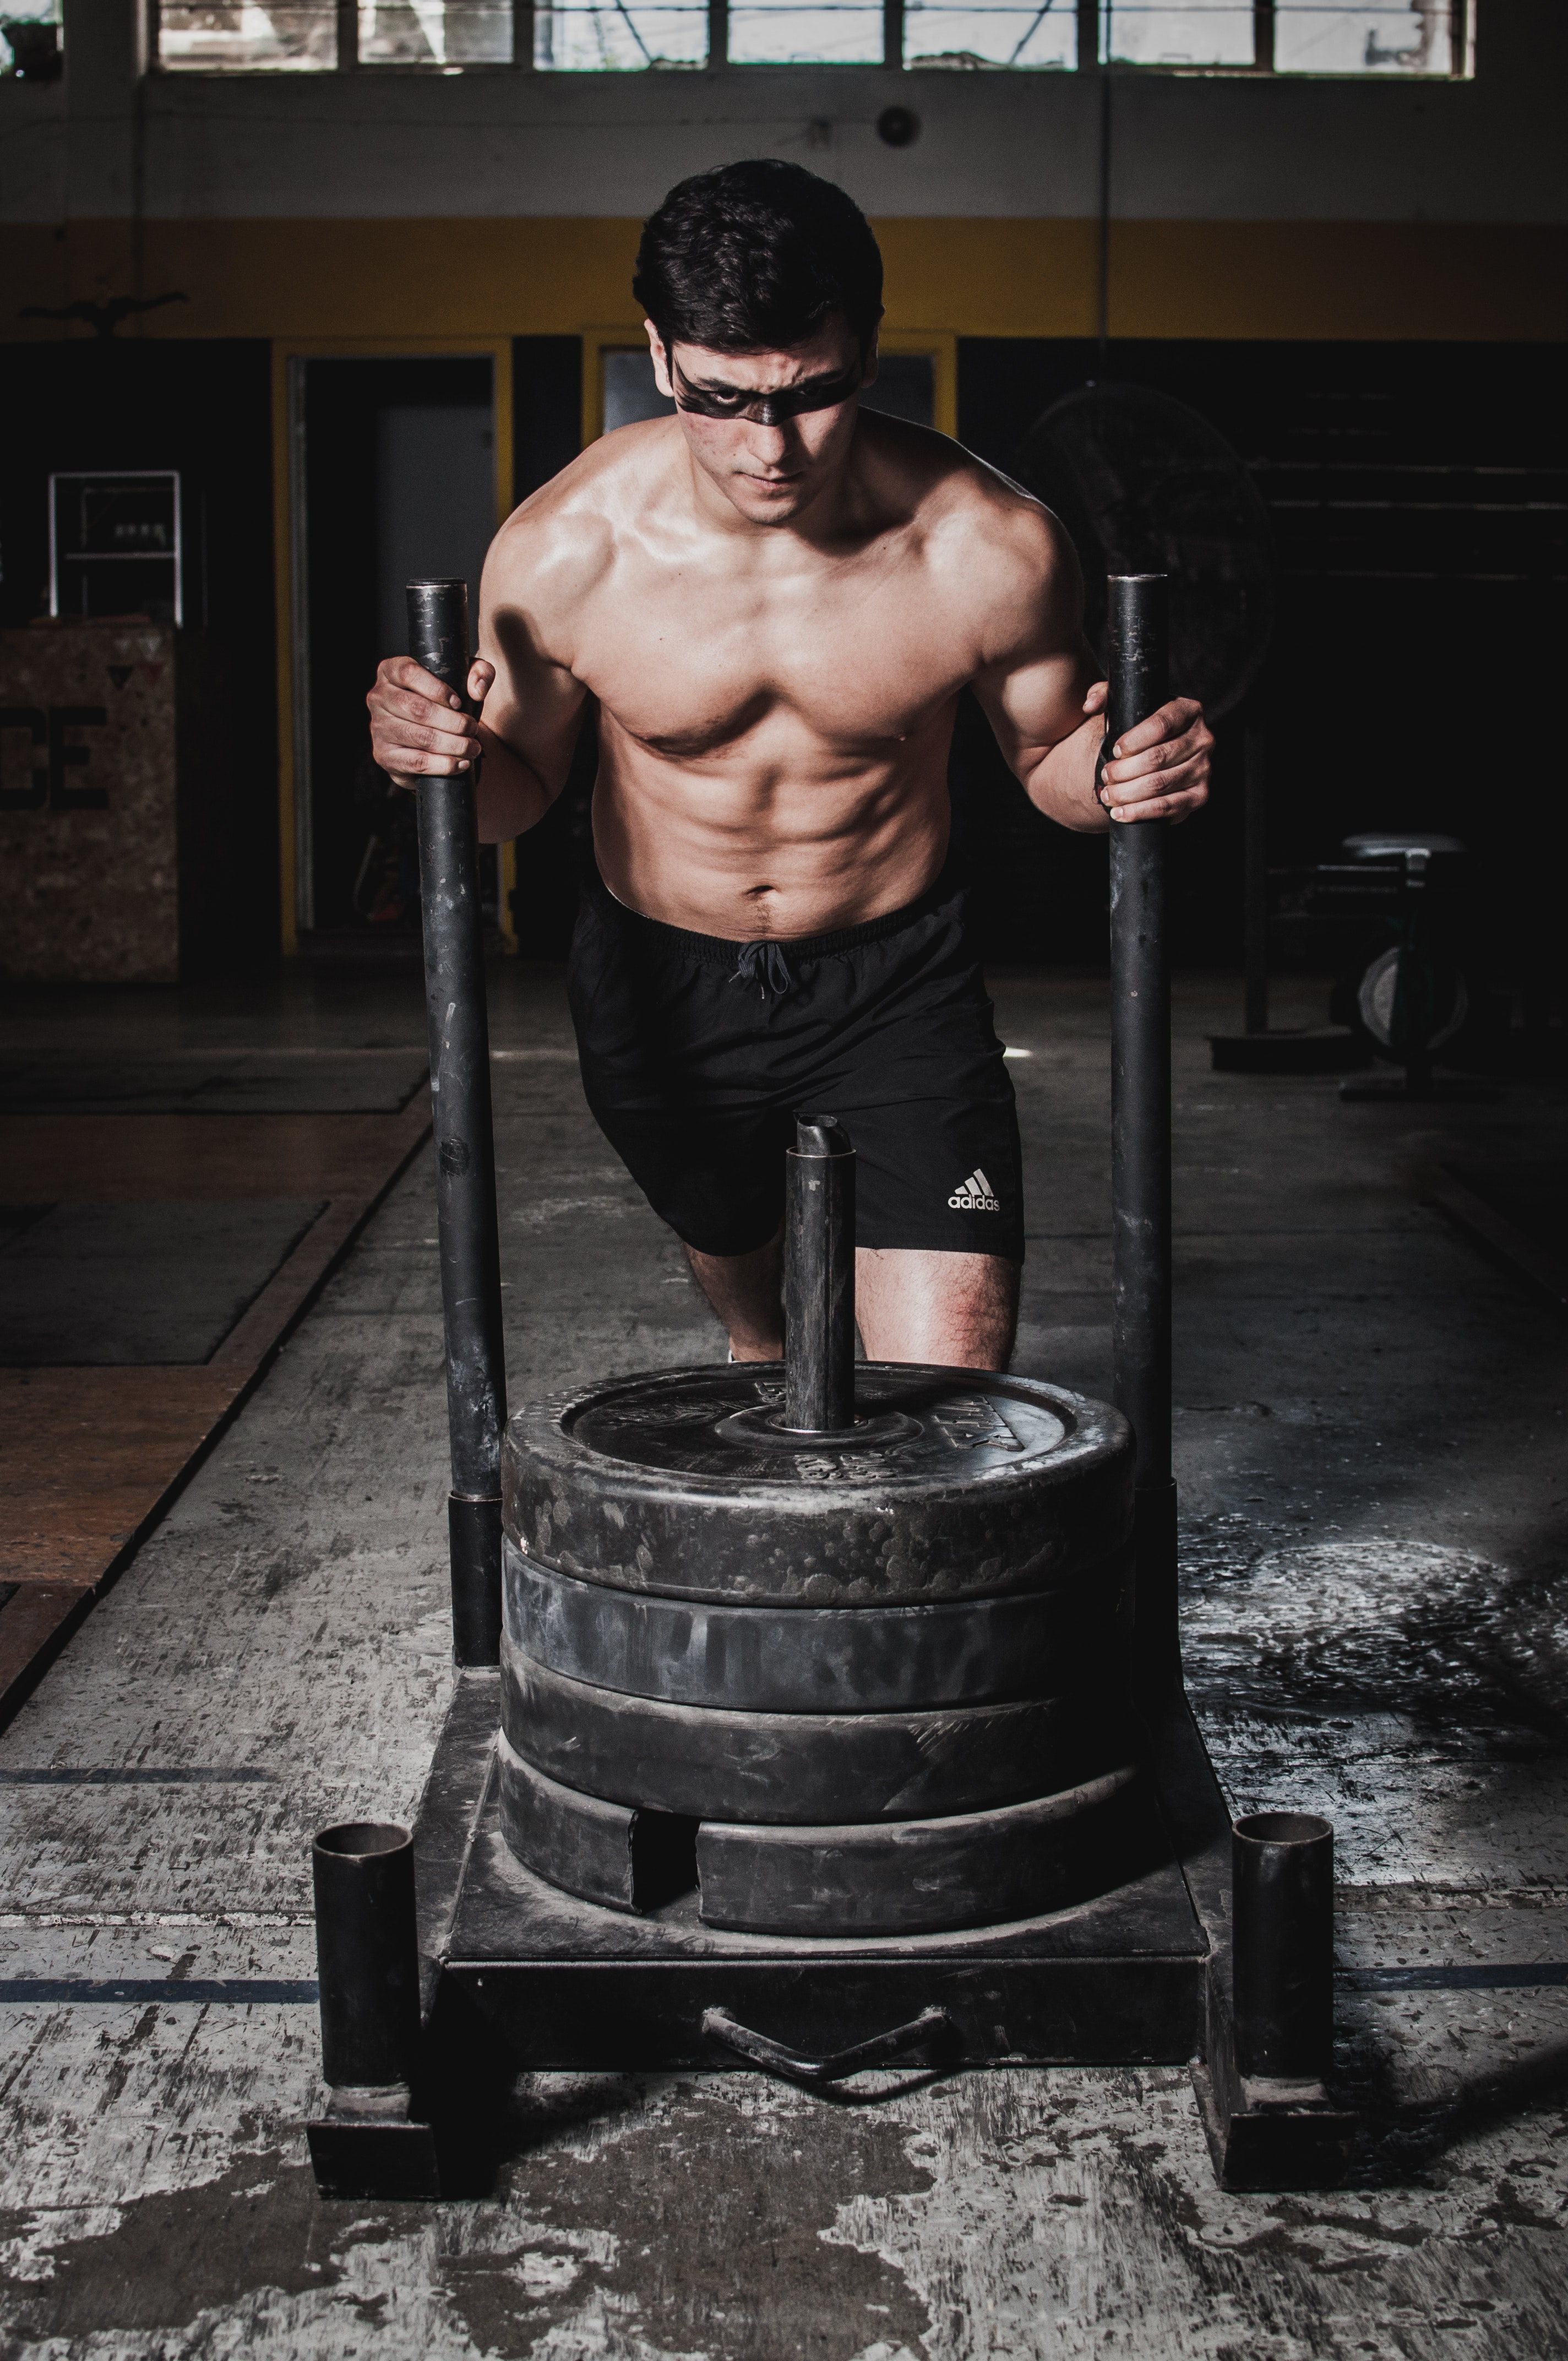 Pierdere în greutate de 4 kg într-o săptămână. Rețete pierdere in greutate